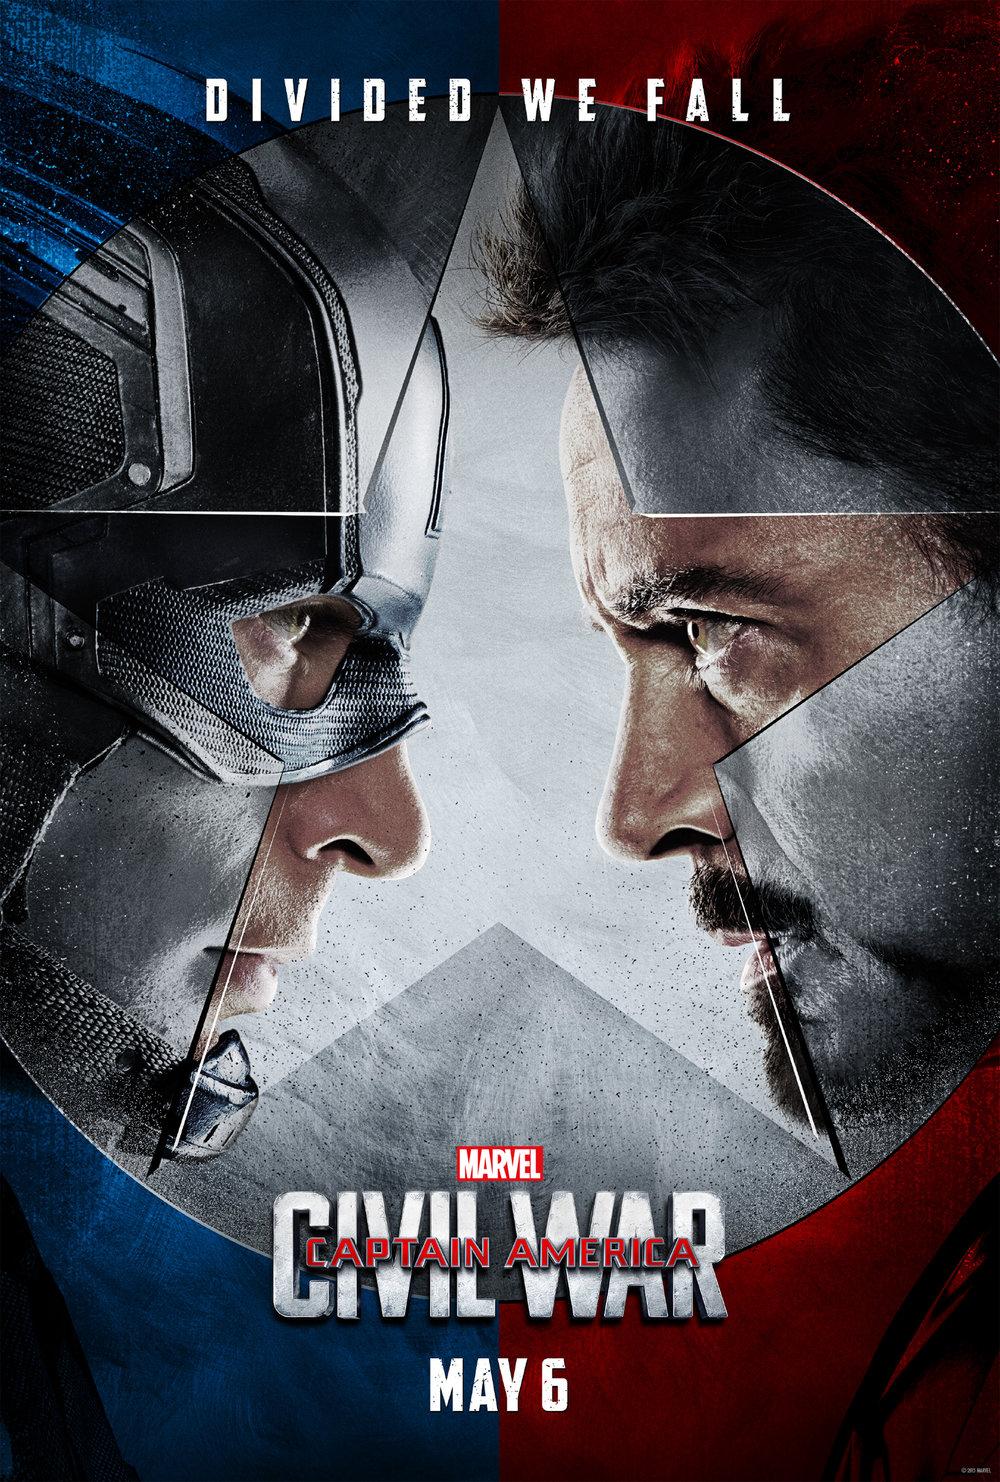 Captain_America_Civil_War_teaser_1_promotional_poster.jpg